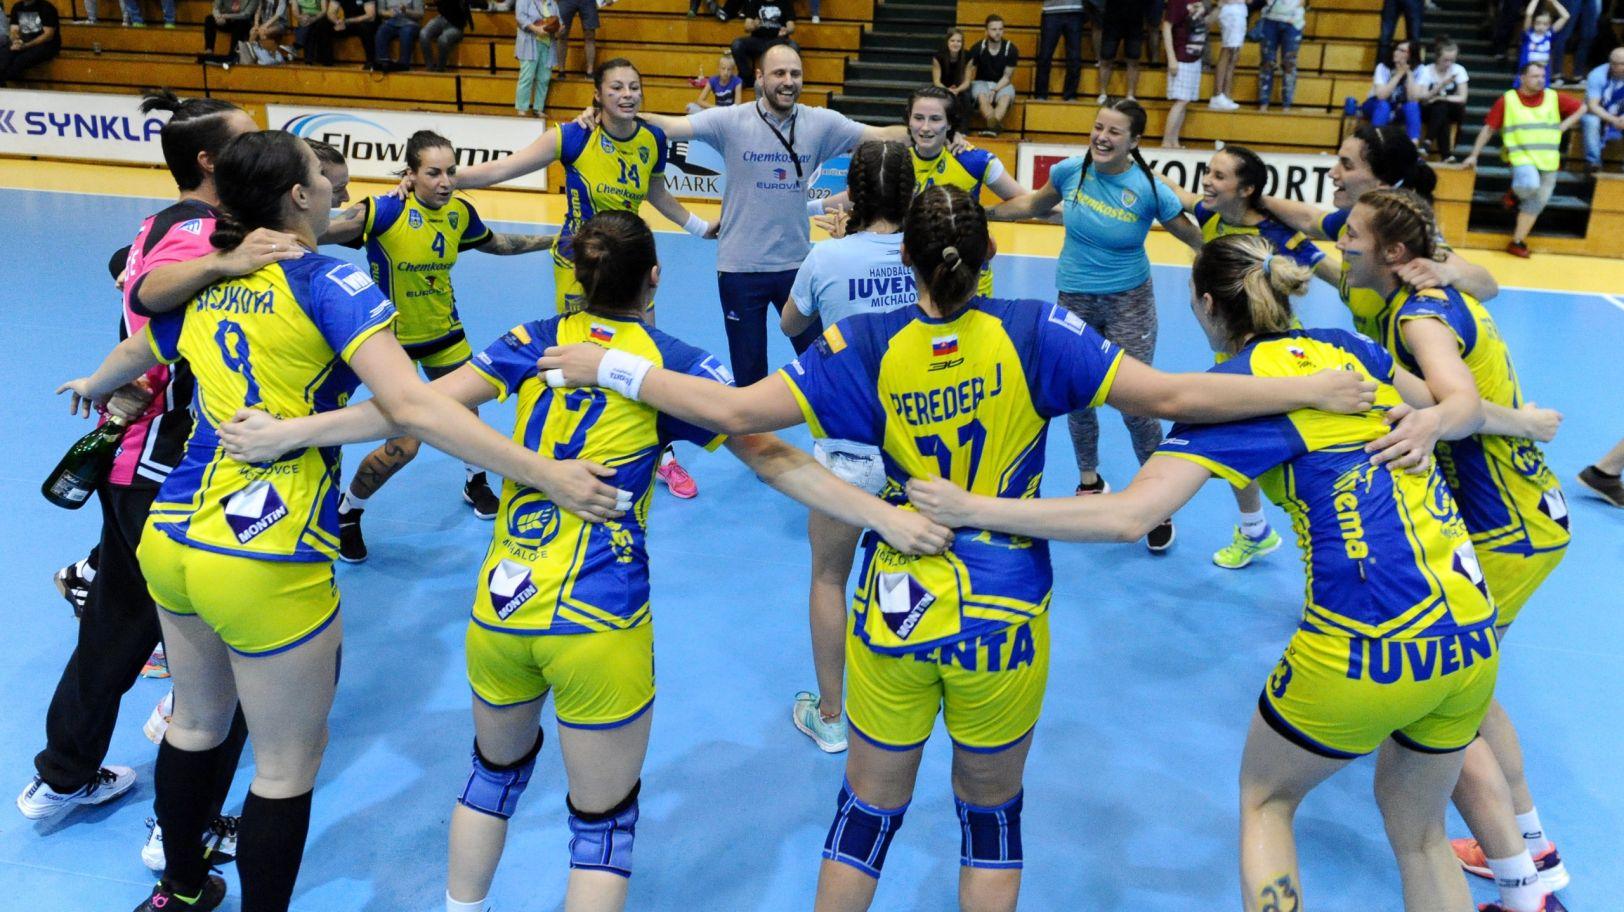 MOL liga: Bánovce v semifinále play-off nestačili na Michalovce, tie postupujú do finále